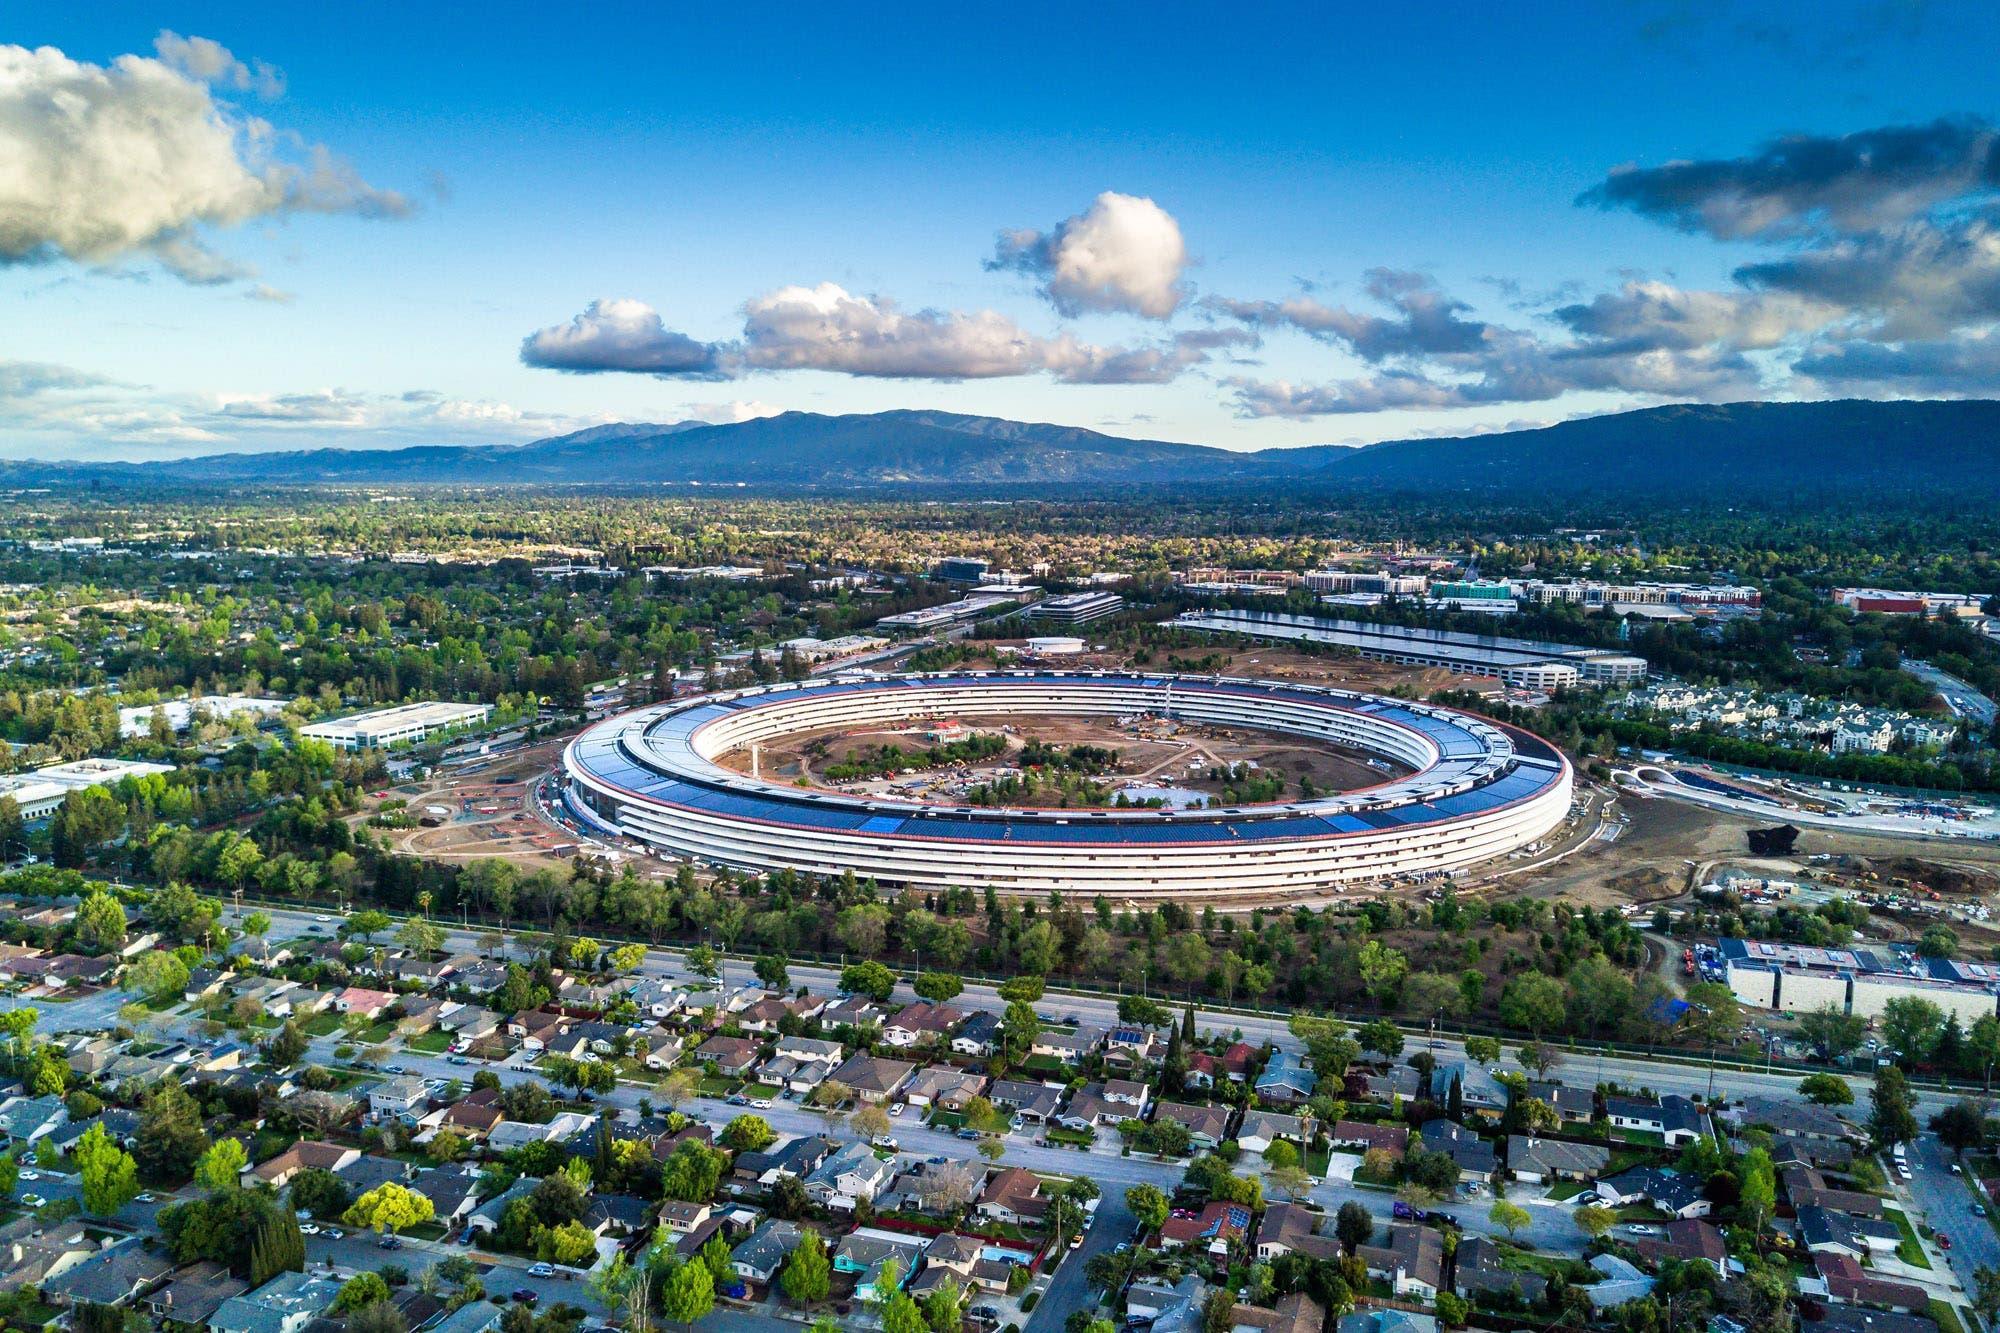 Ofensiva. Silicon Valley y el Estado se preparan para una desgastante guerra